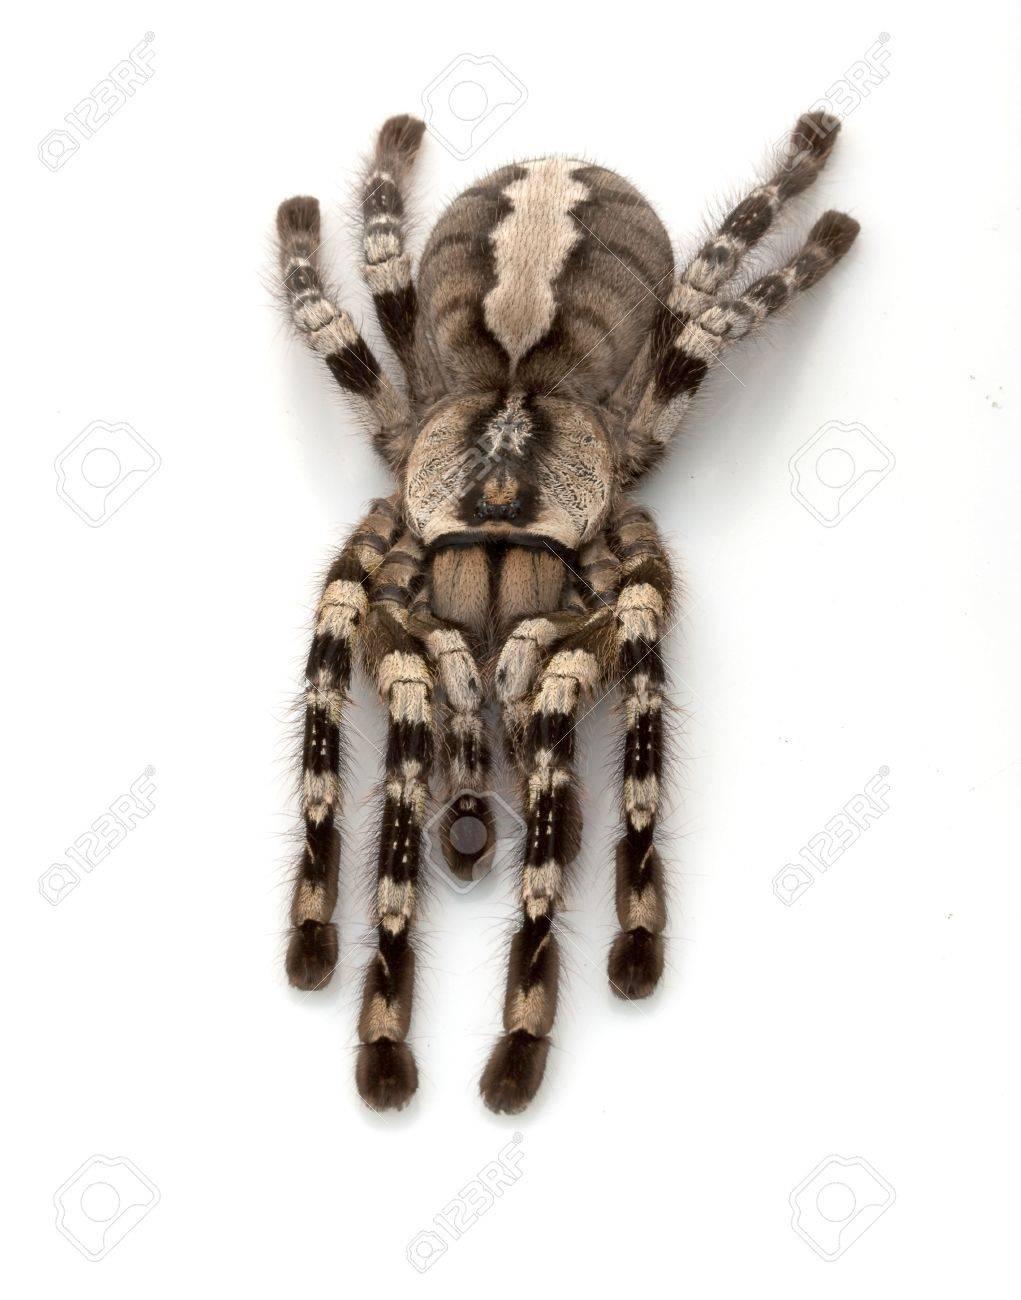 Indian Ornamental Tarantula Indian Ornamental Tarantula